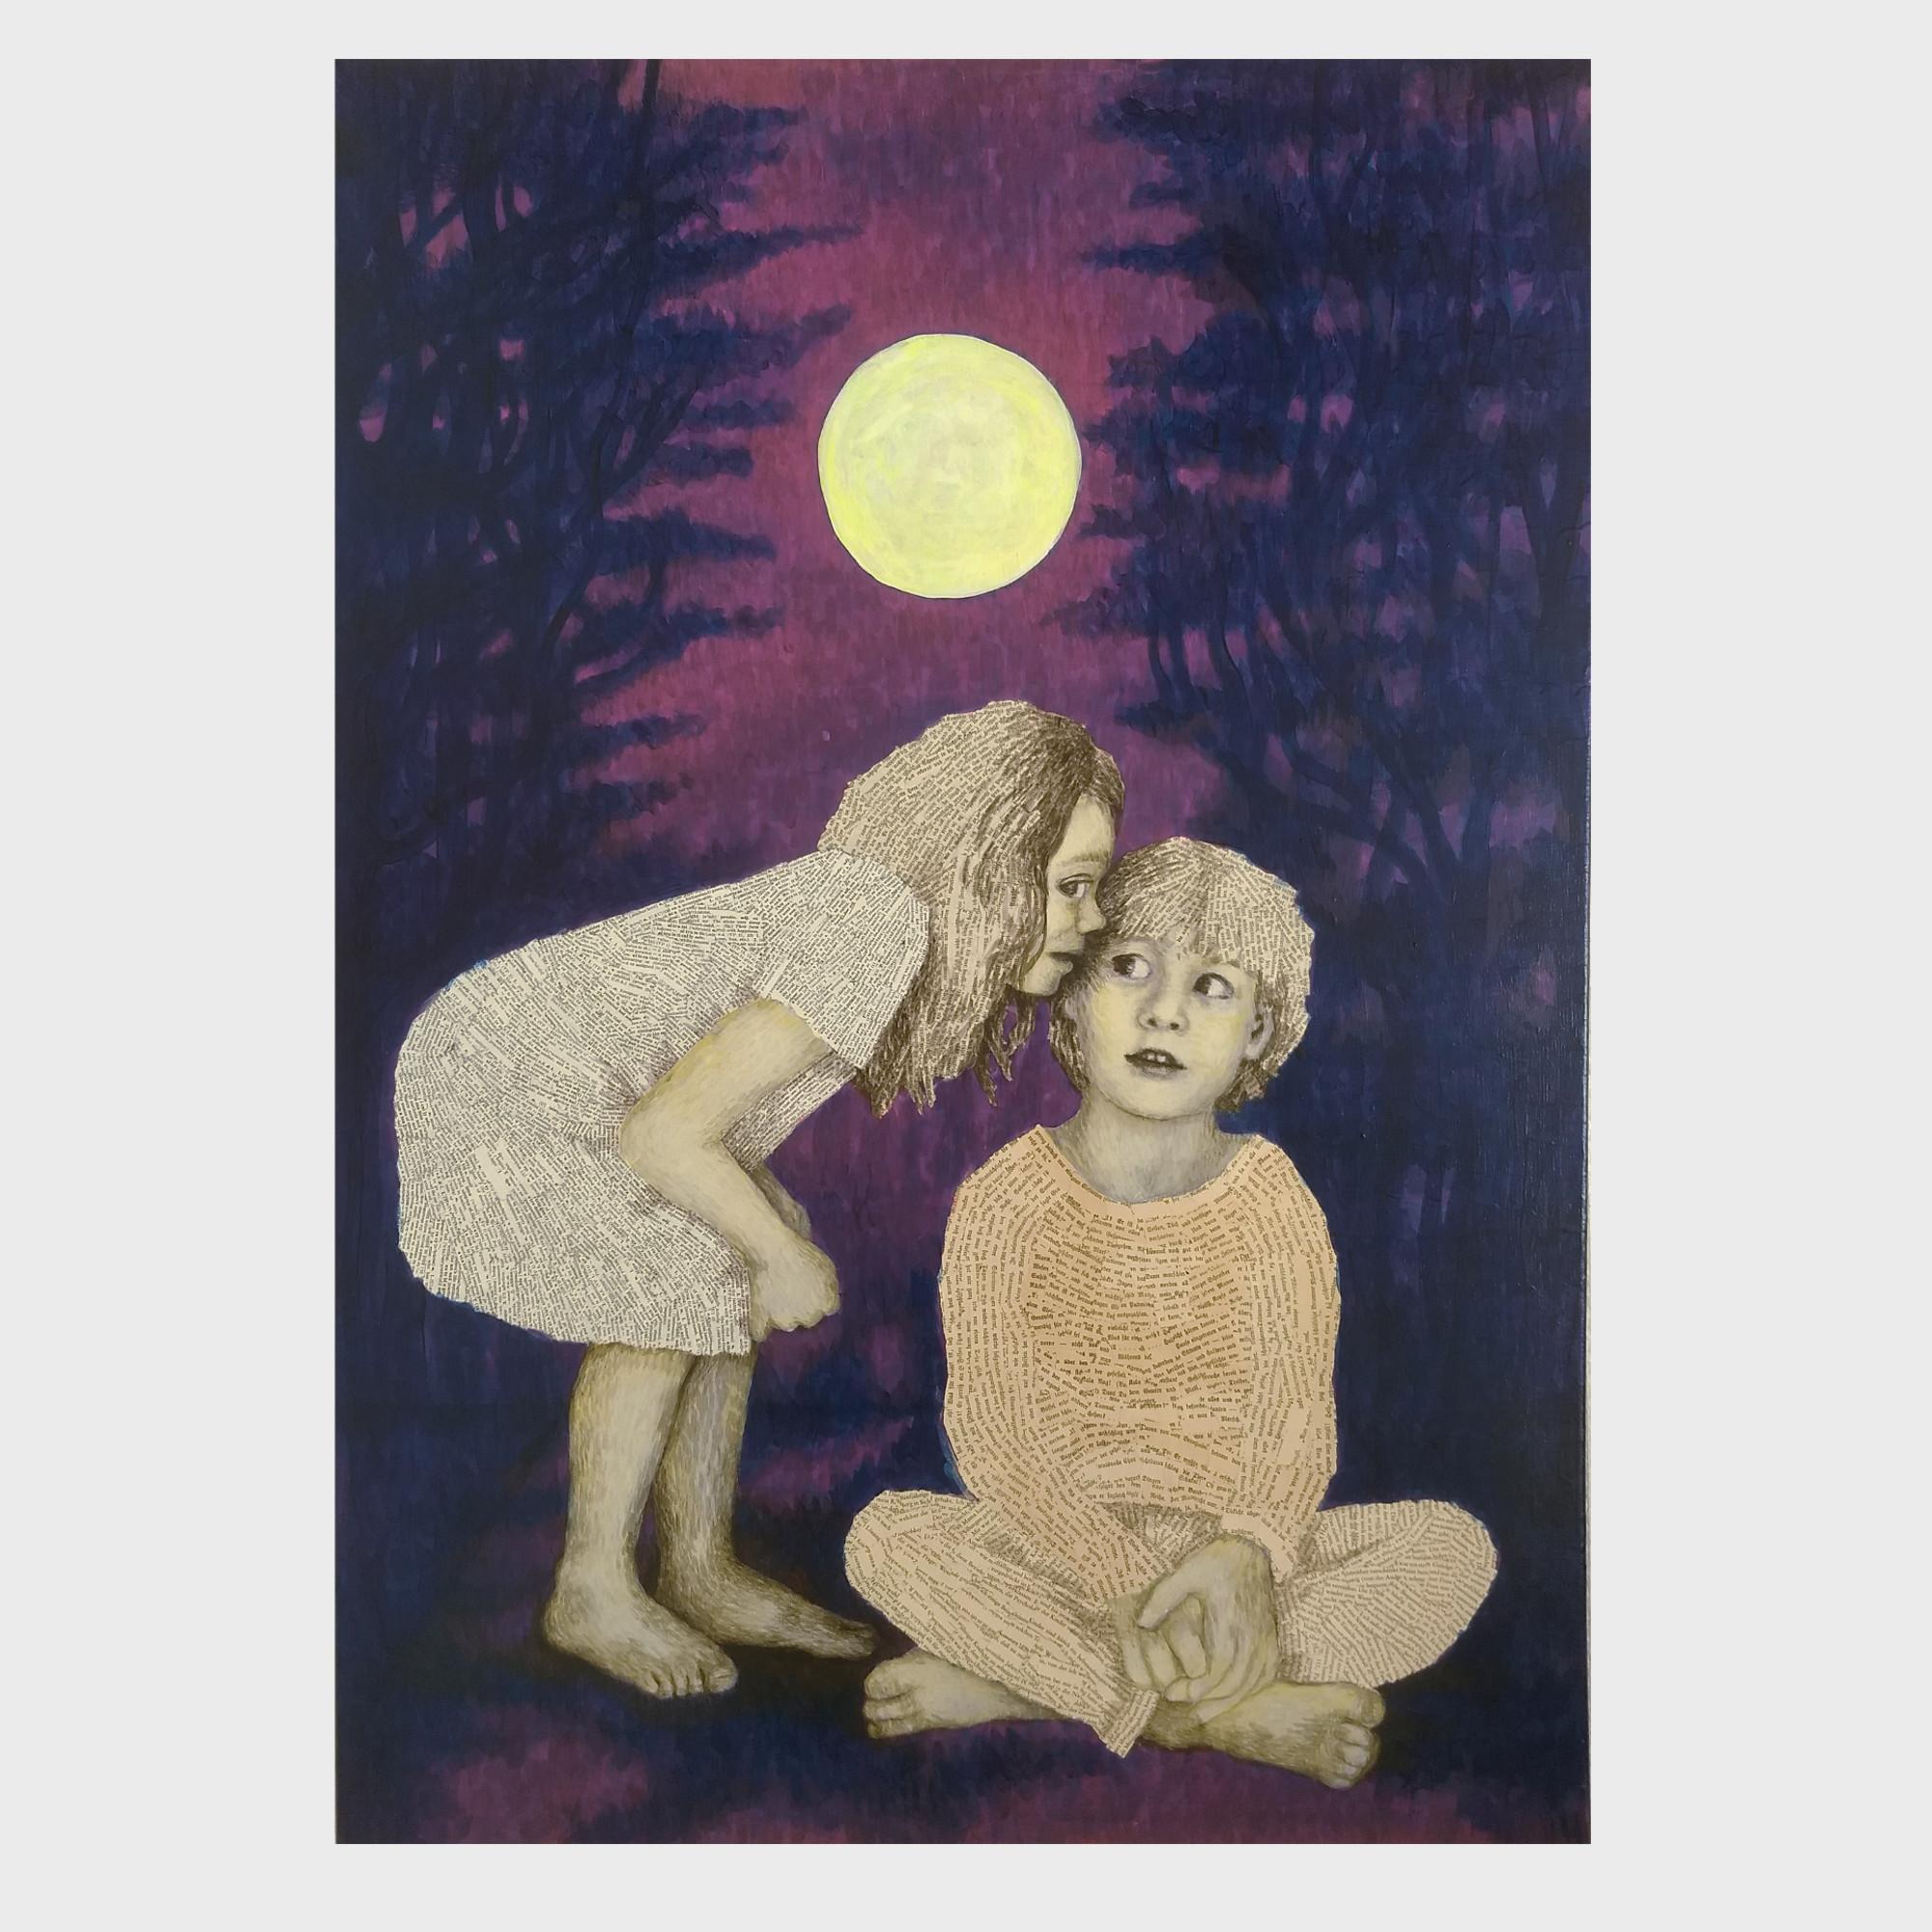 Acrylmalerei, Mondnacht mit Abendlied. Im tiefblauen Wald leuchtet der gelb-weiße Mond und ein Mädchen aus Büchern flüstert ihrem Freund aus Buchseiten eine Geschichte ins Ohr.